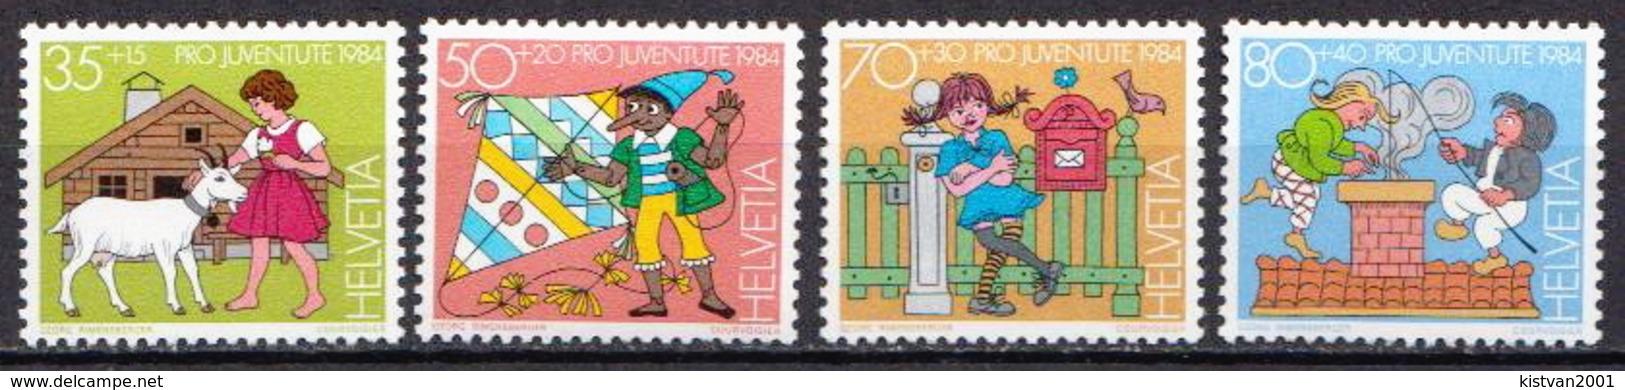 Switzerland MNH Set - Childhood & Youth